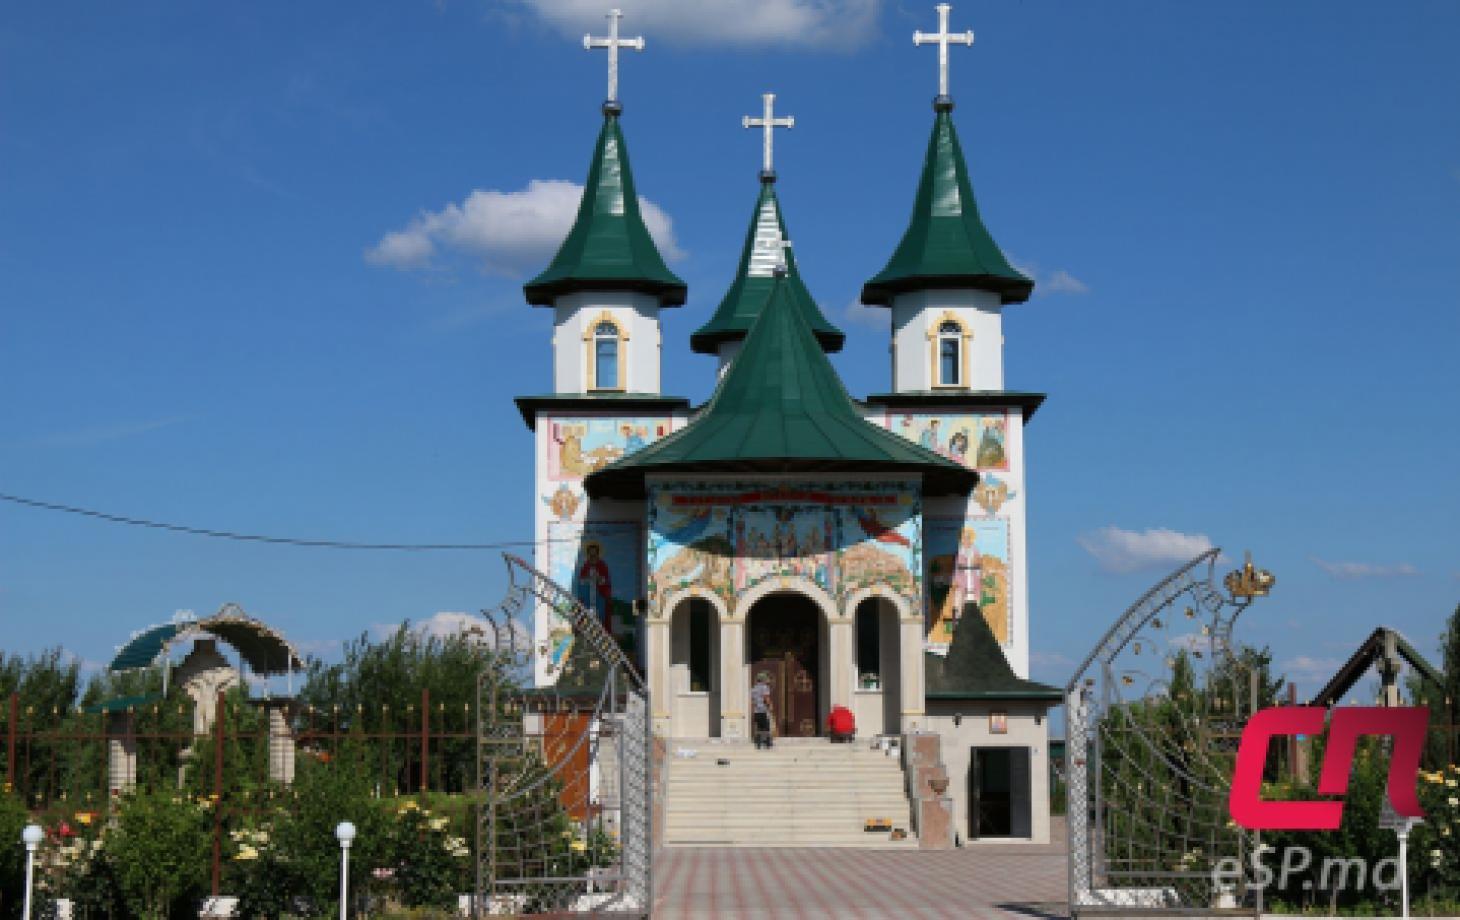 церковь Всех святых на улице Н. Йорги в Бельцах, достопримечательности